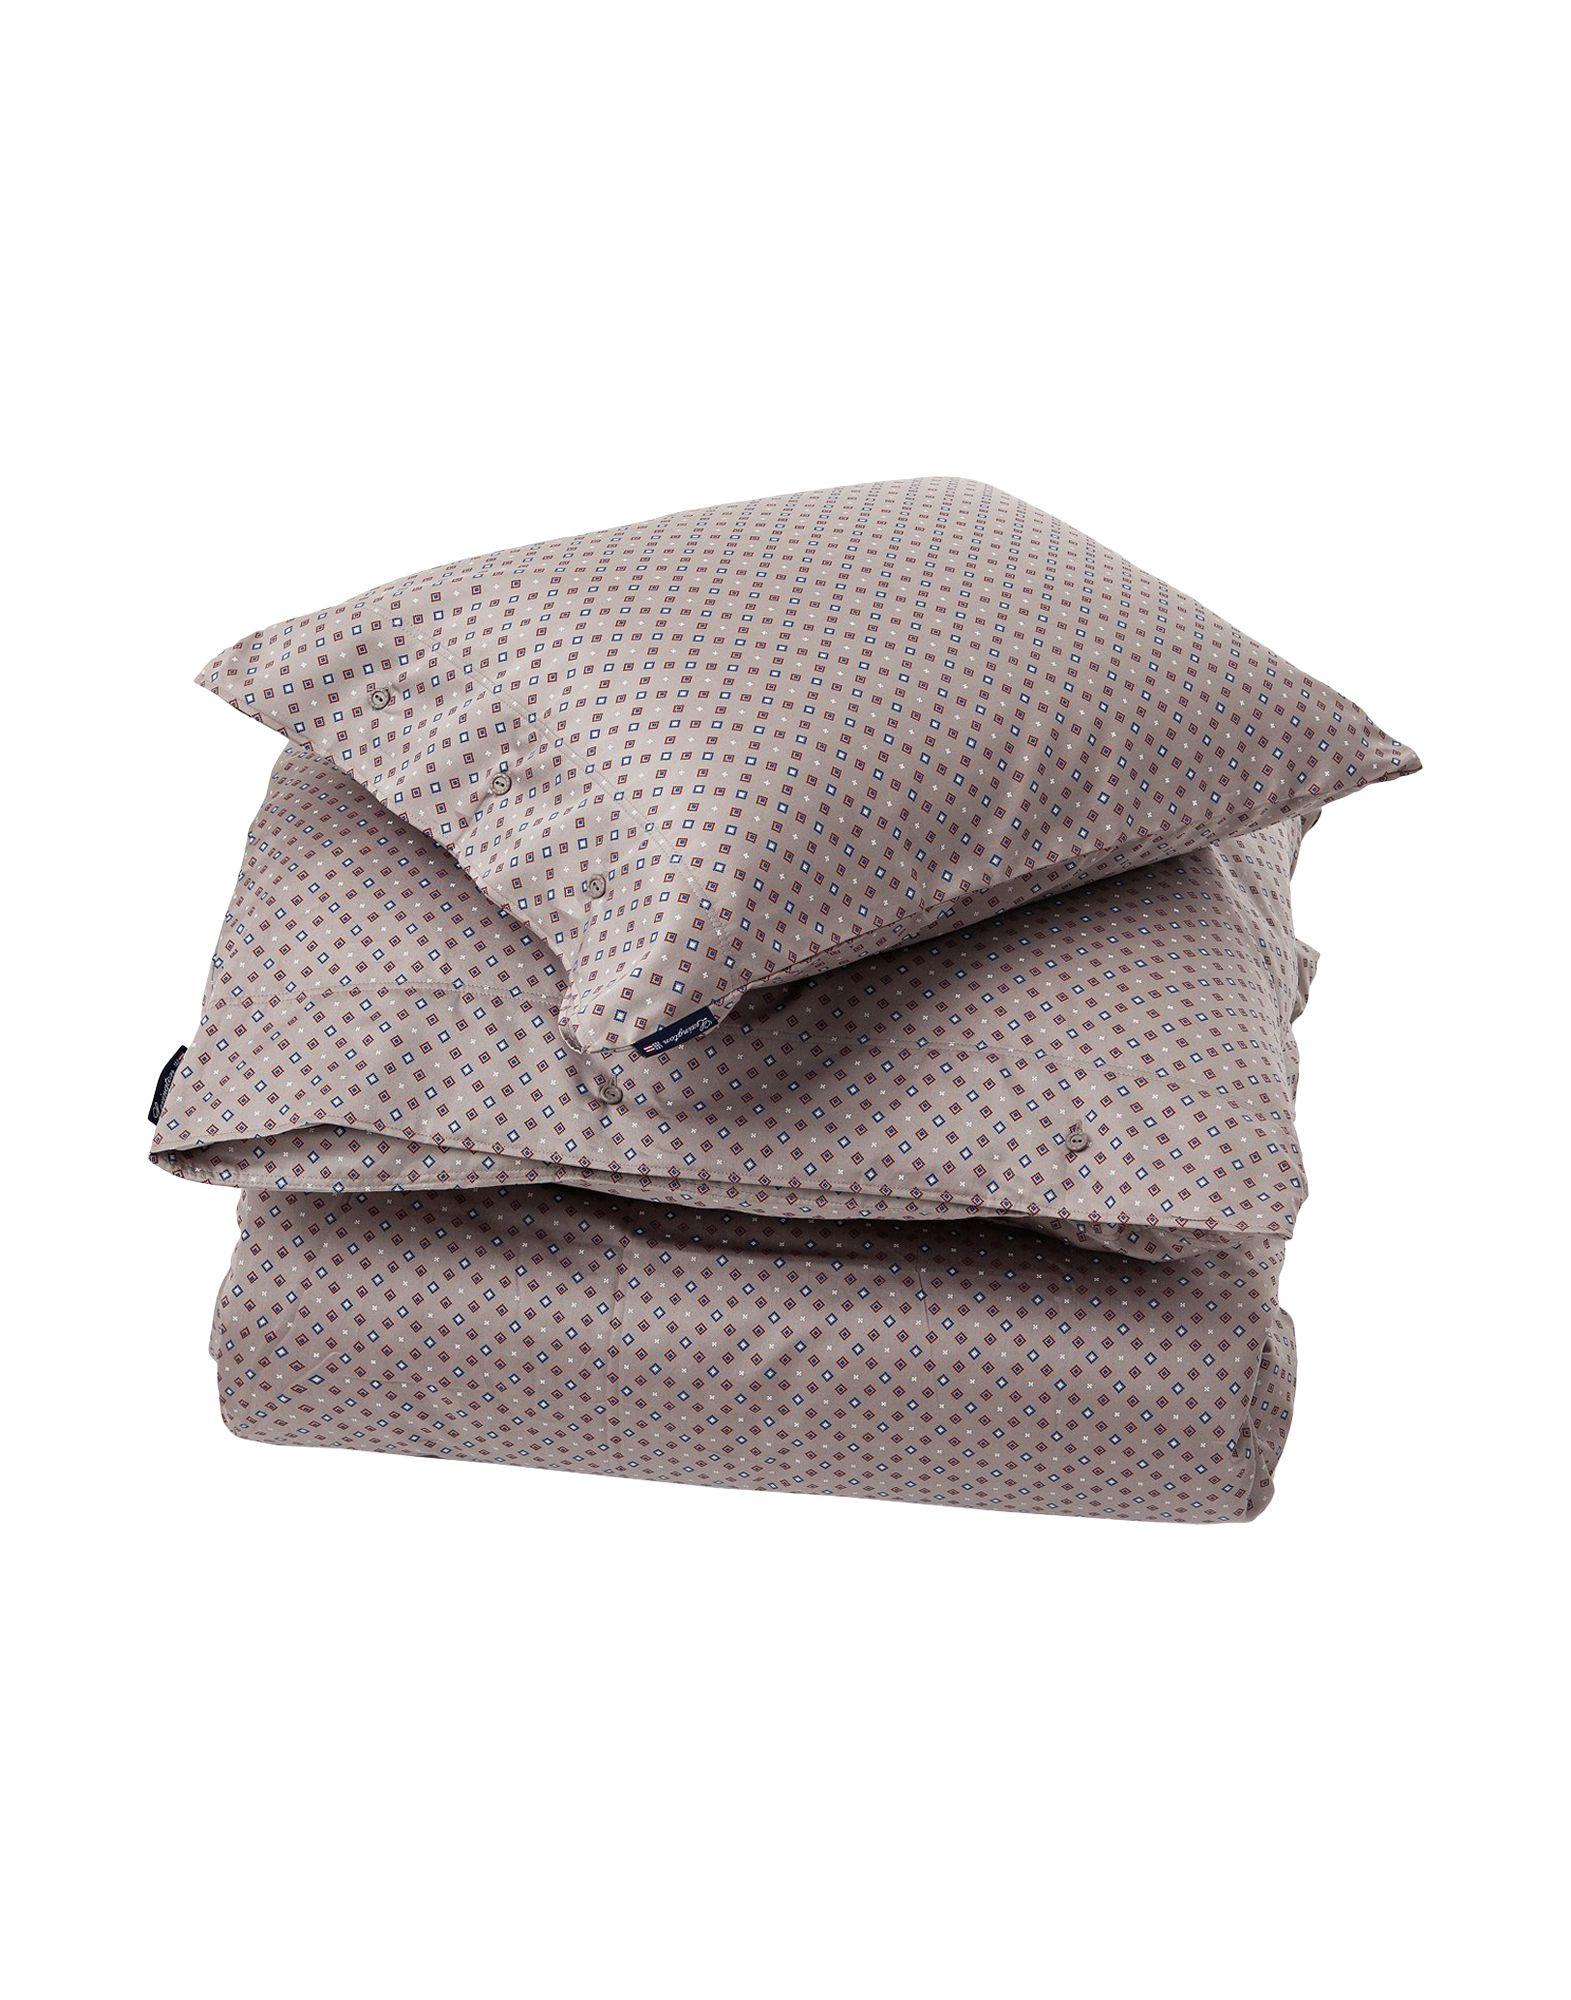 Lexington Duvet Covers